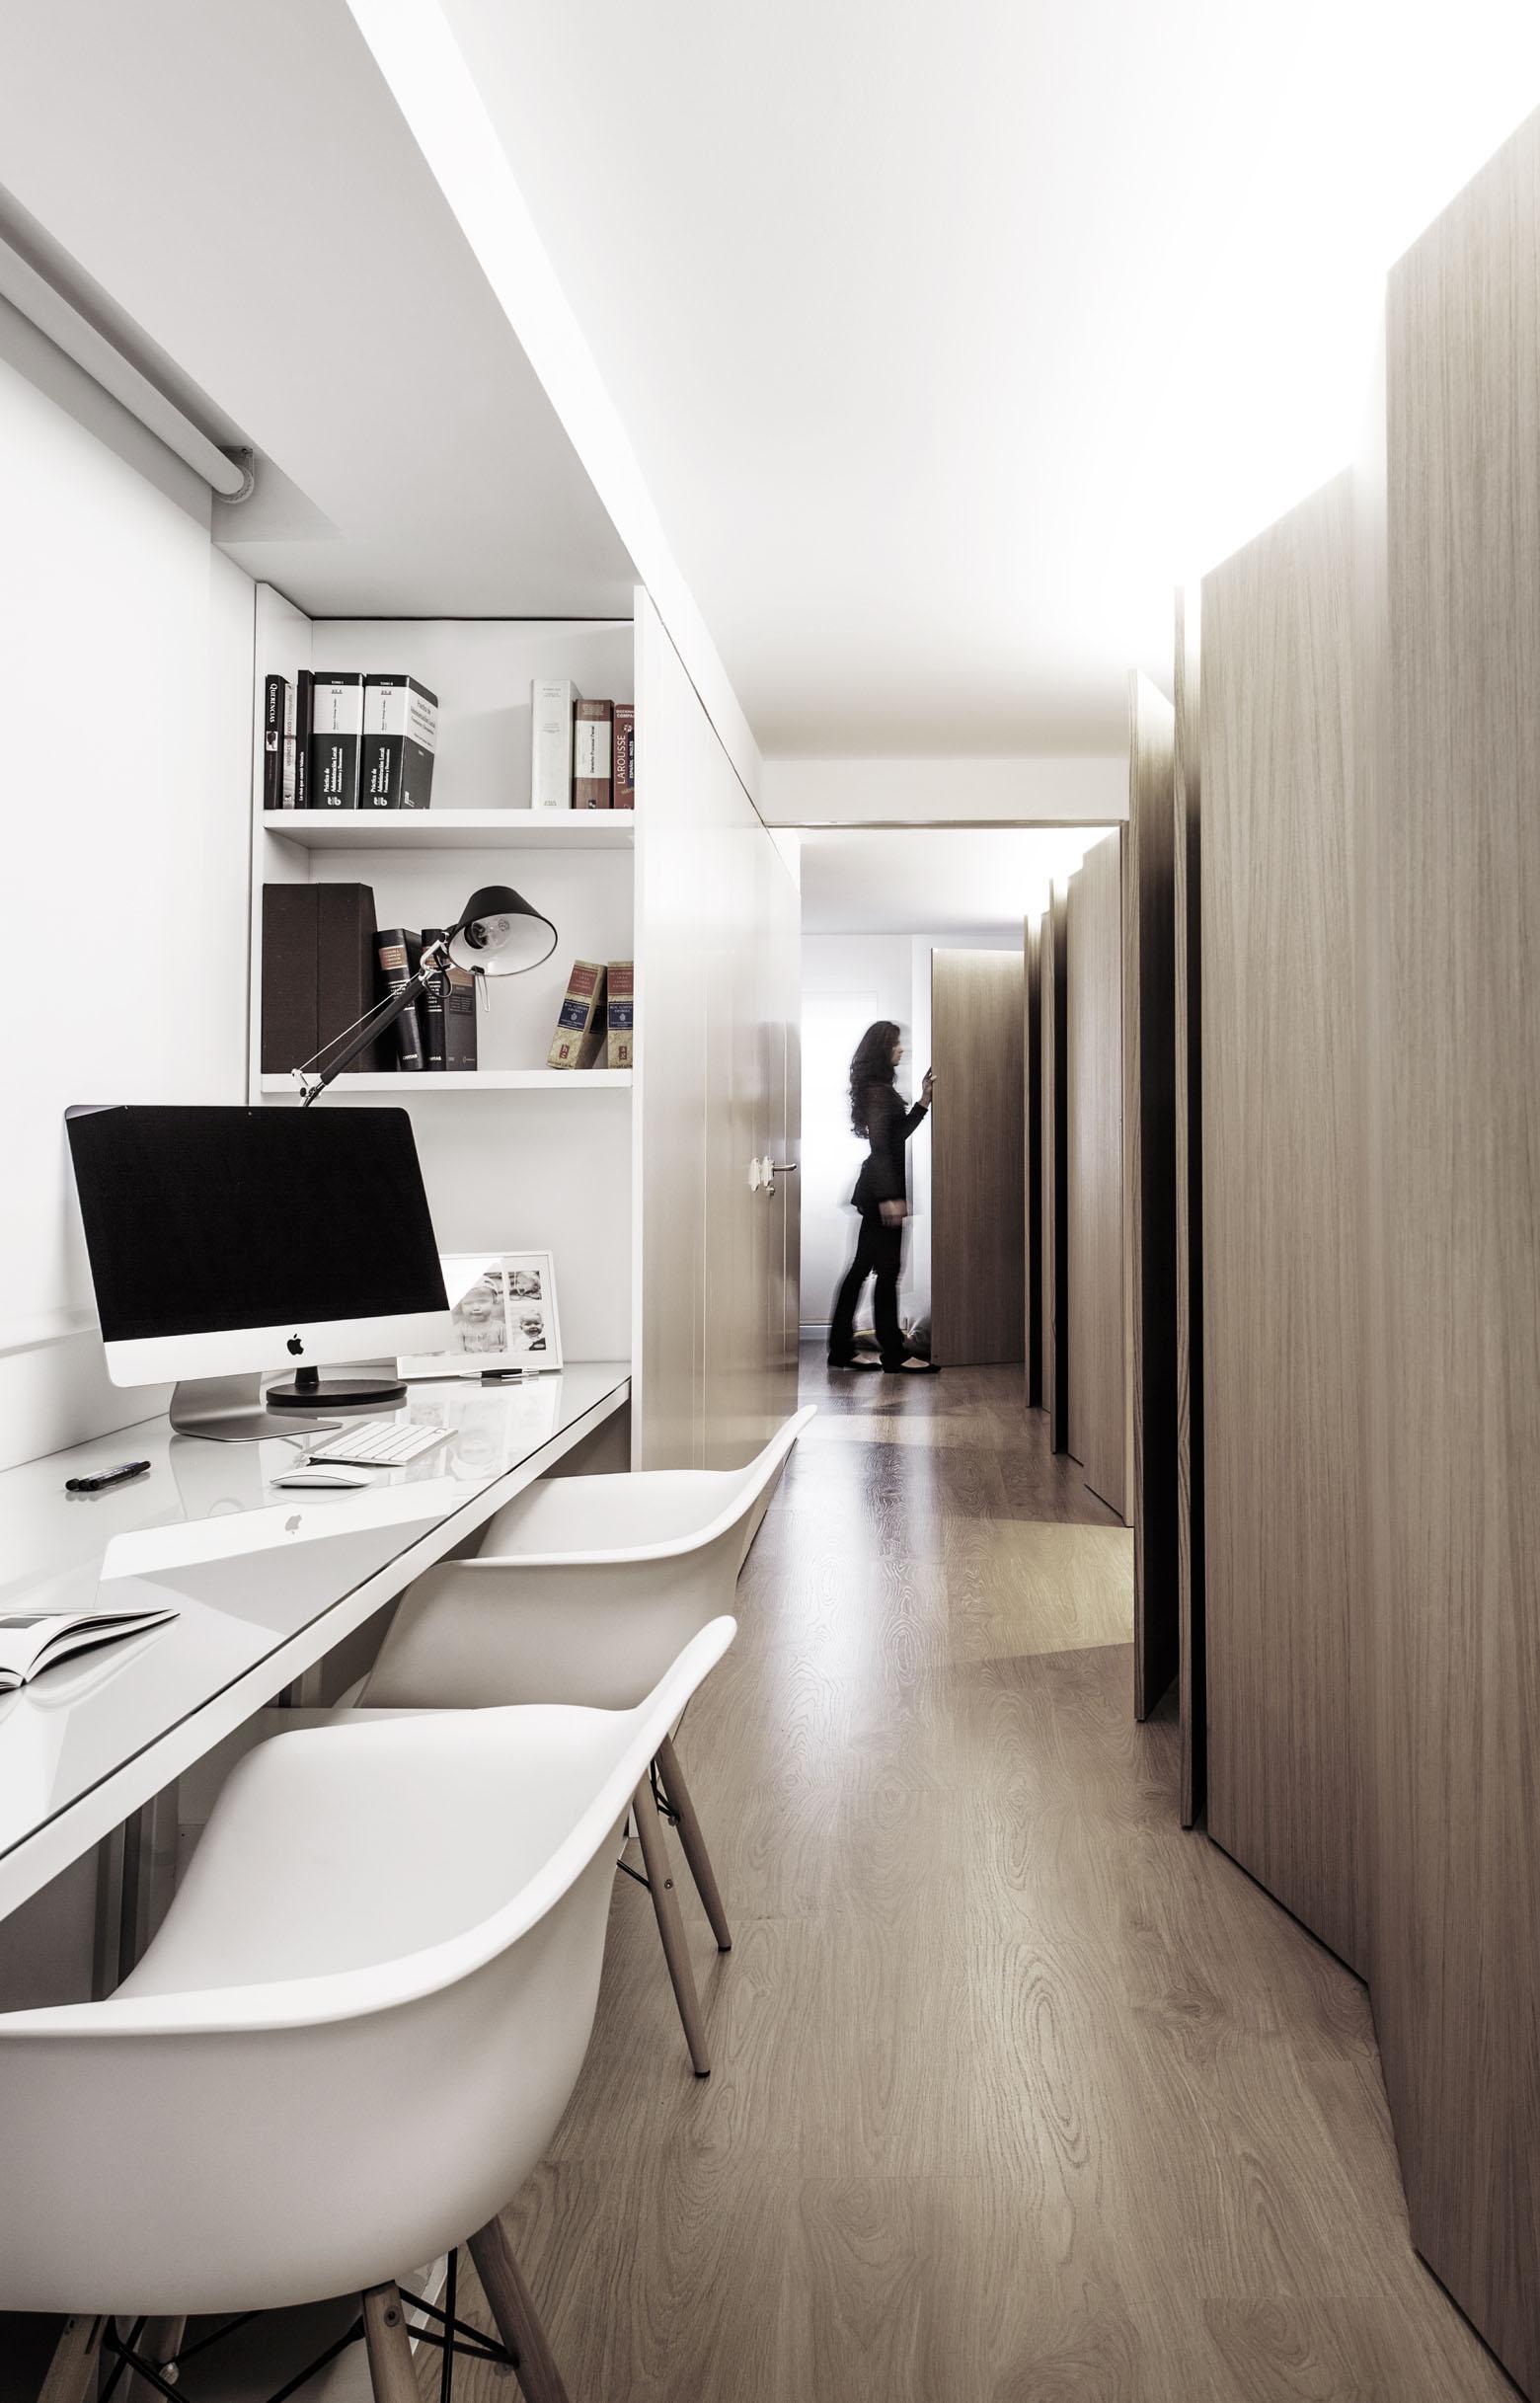 дизайн квартир фотогалерея интерьера